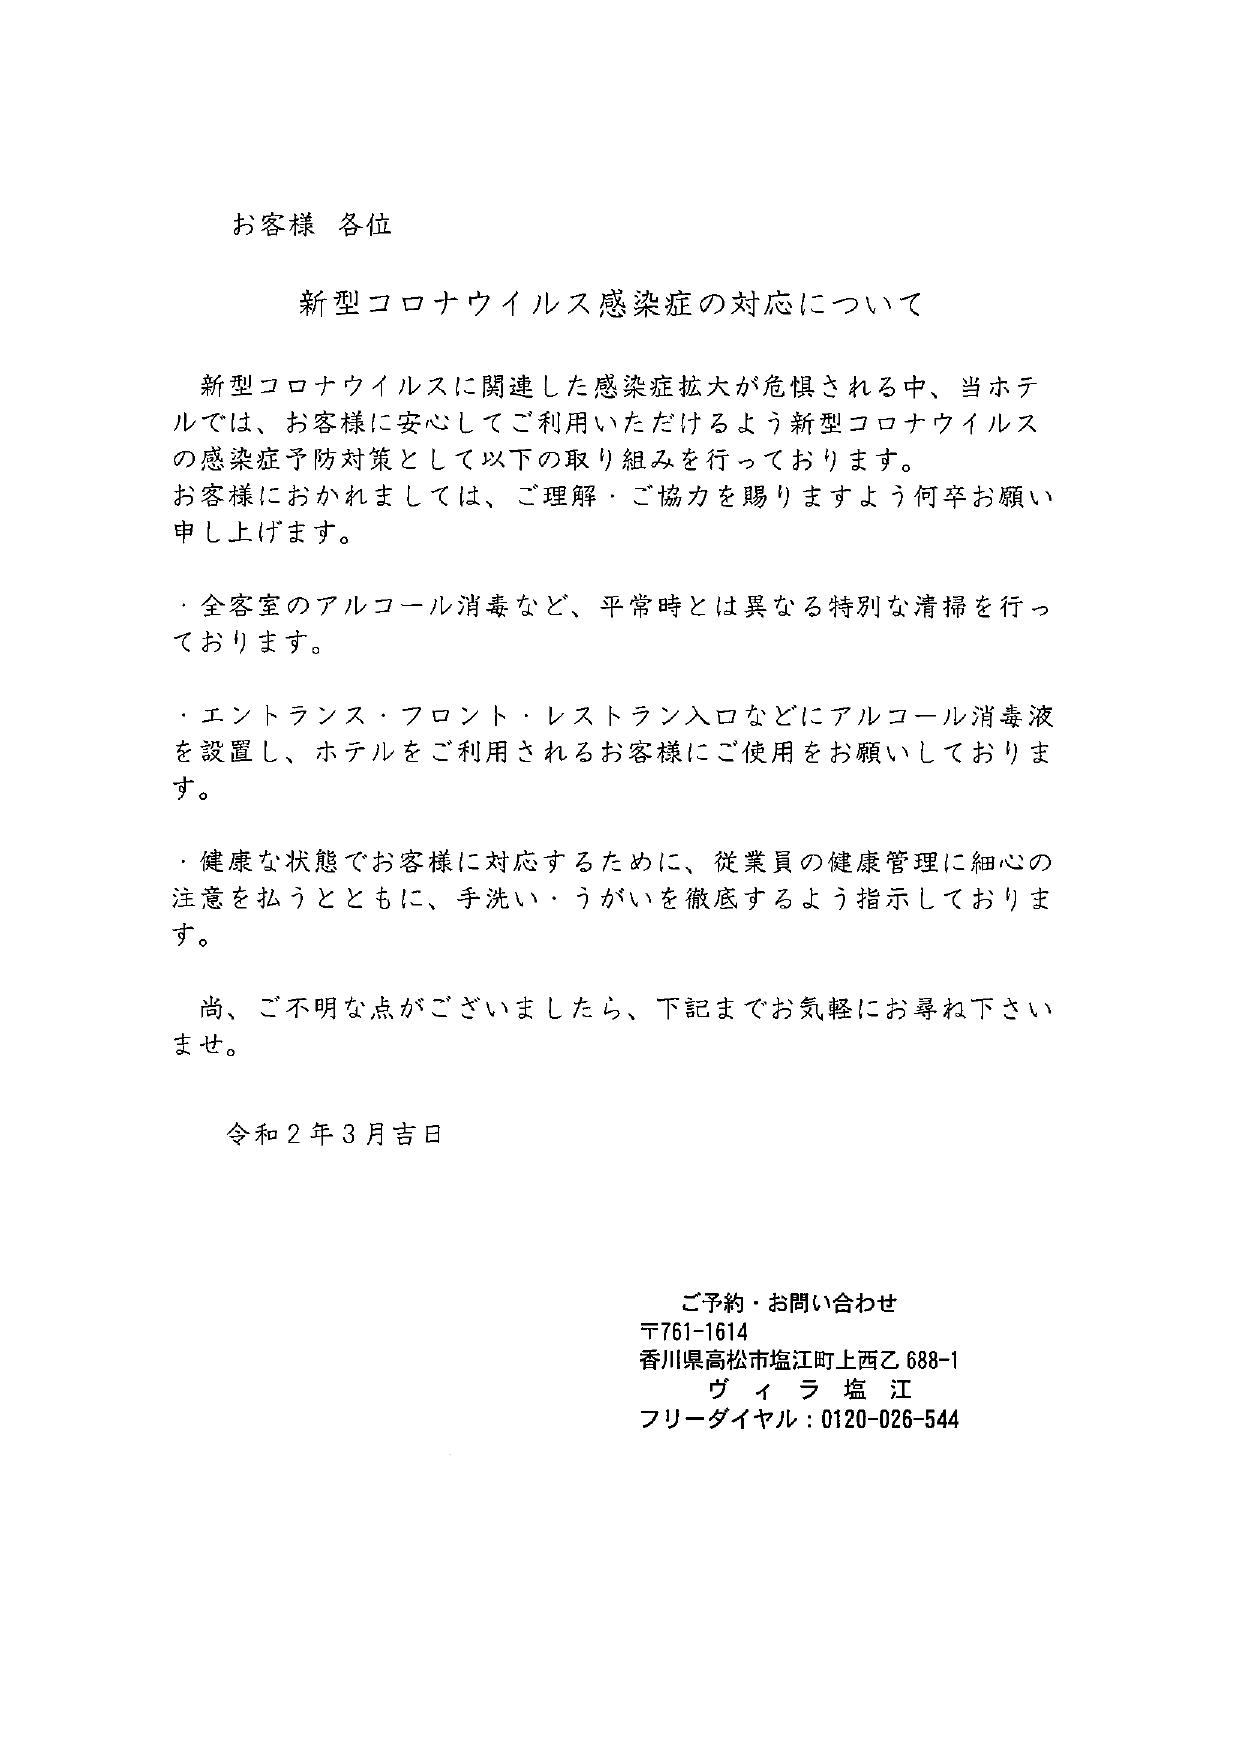 香川 新型 コロナ 県 ウイルス